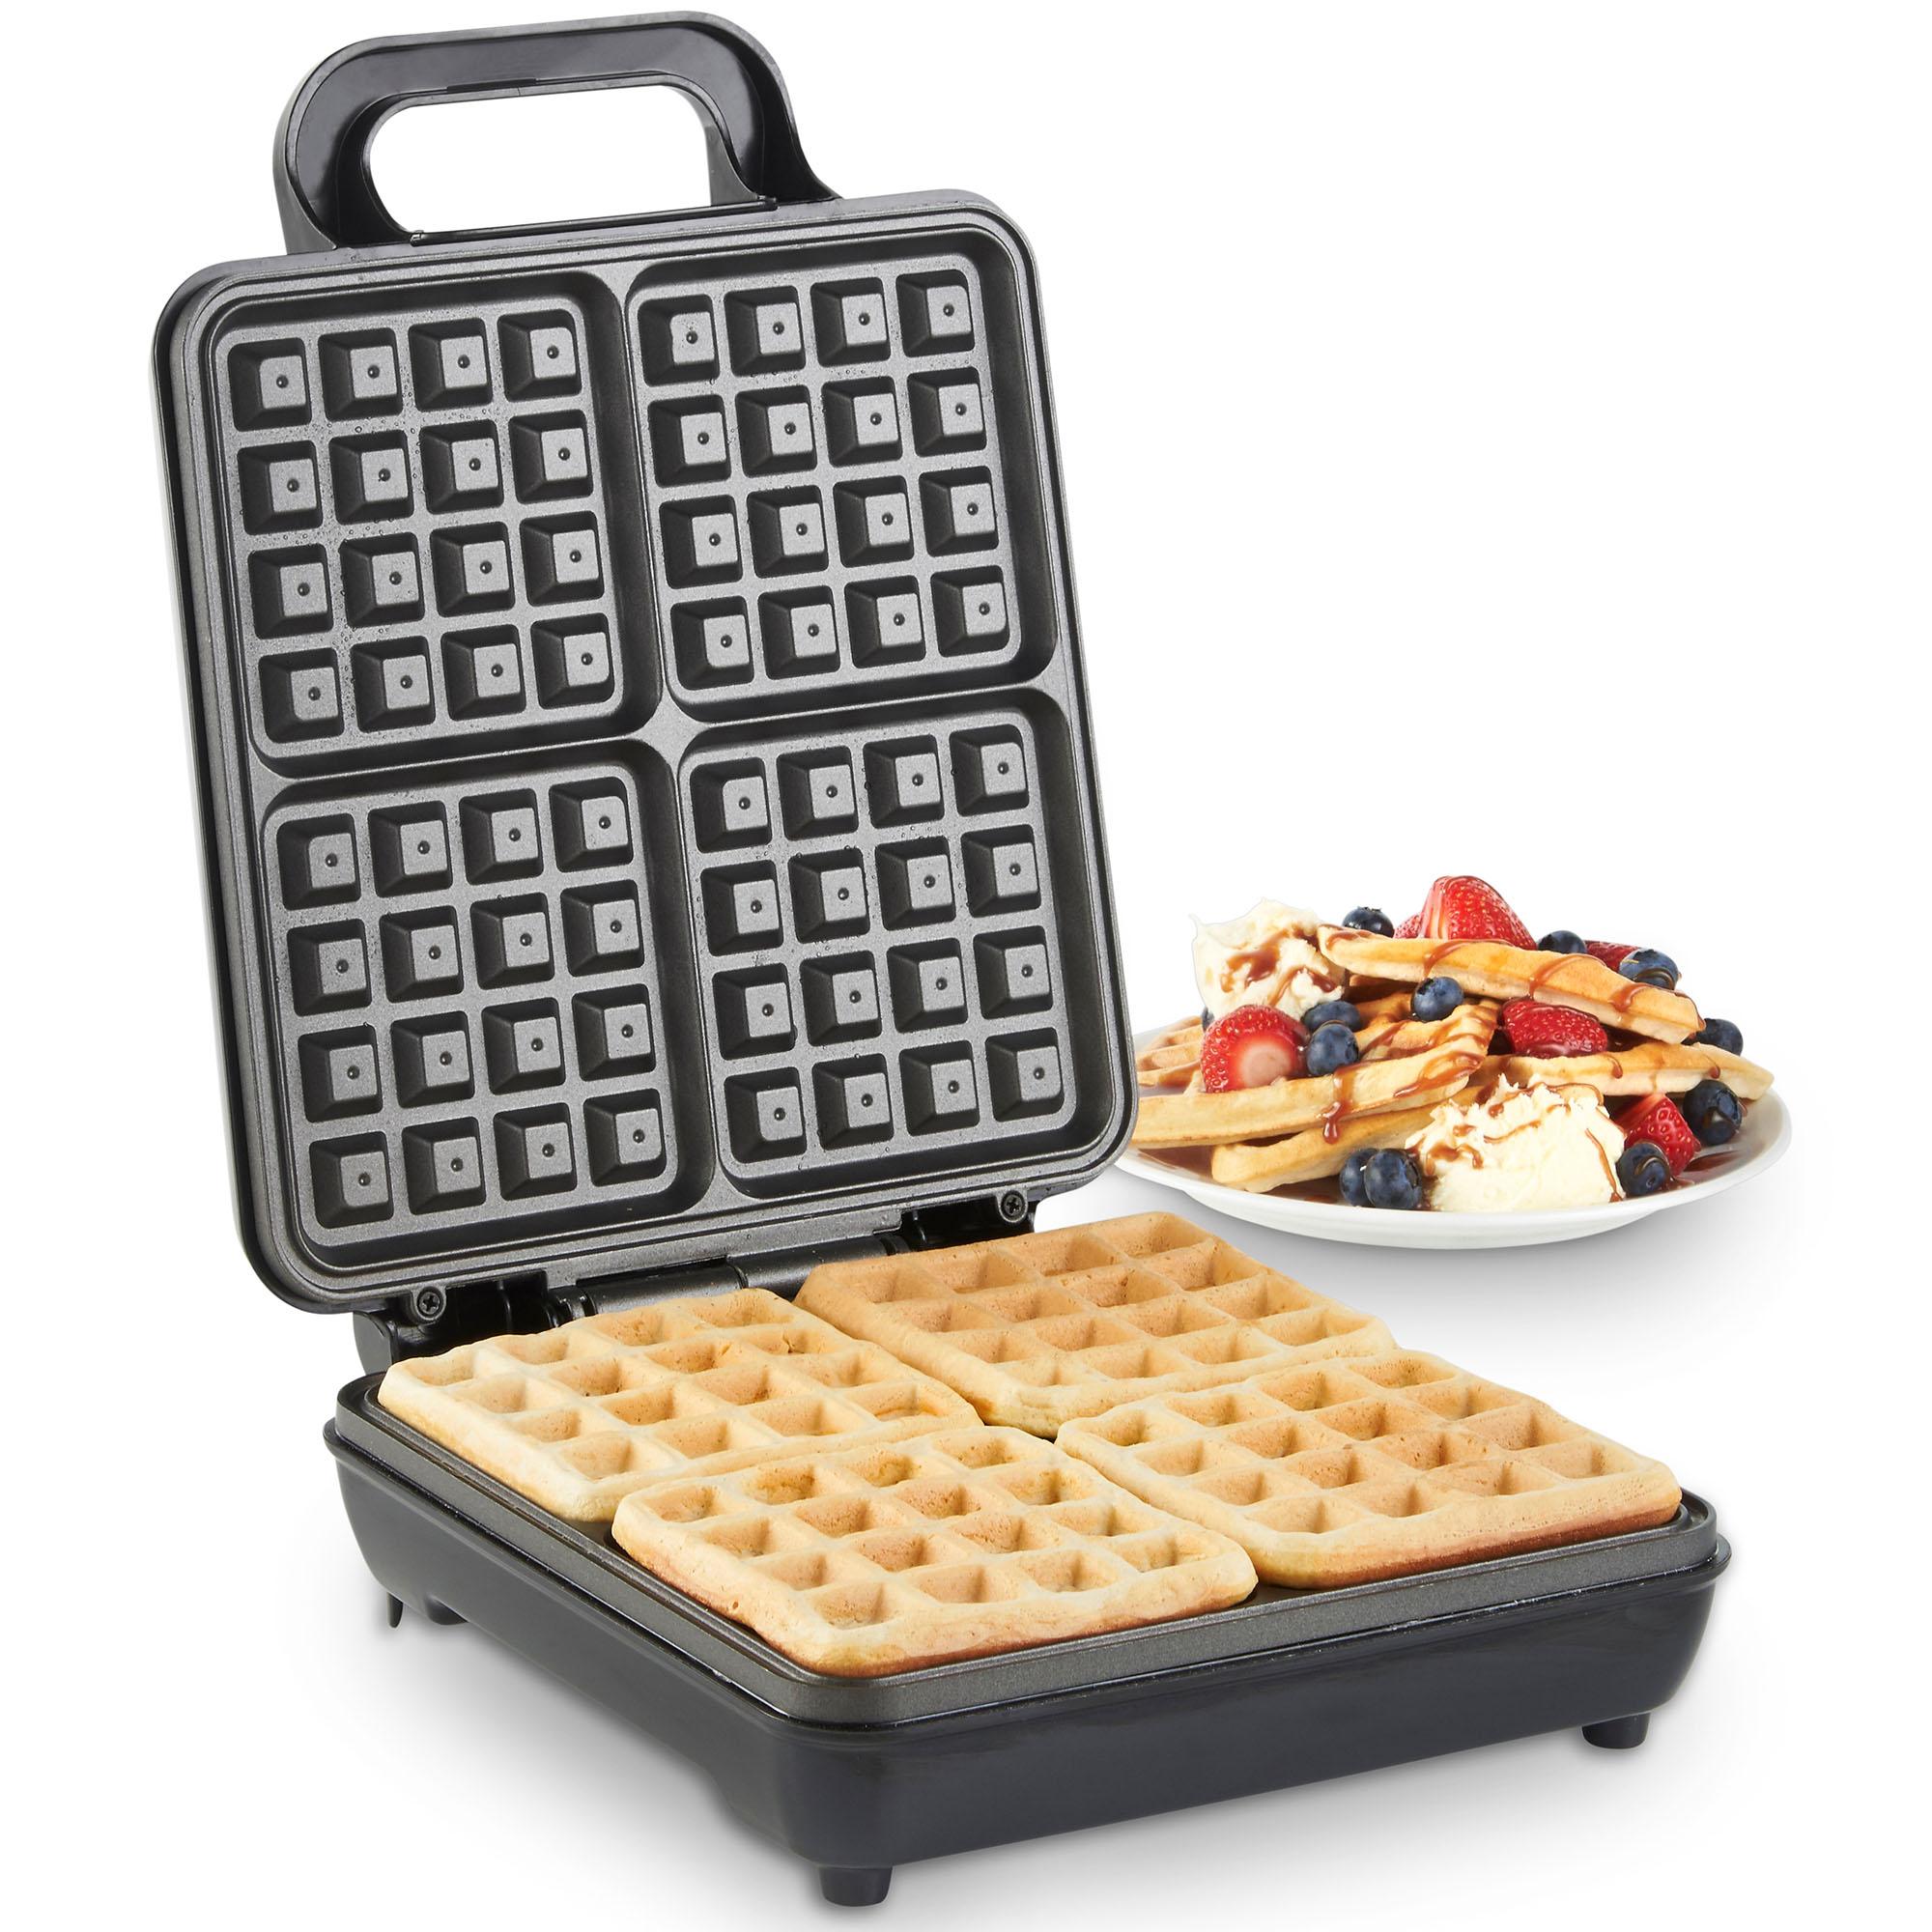 vonshef waffle maker iron machine press belgian 4 slice. Black Bedroom Furniture Sets. Home Design Ideas